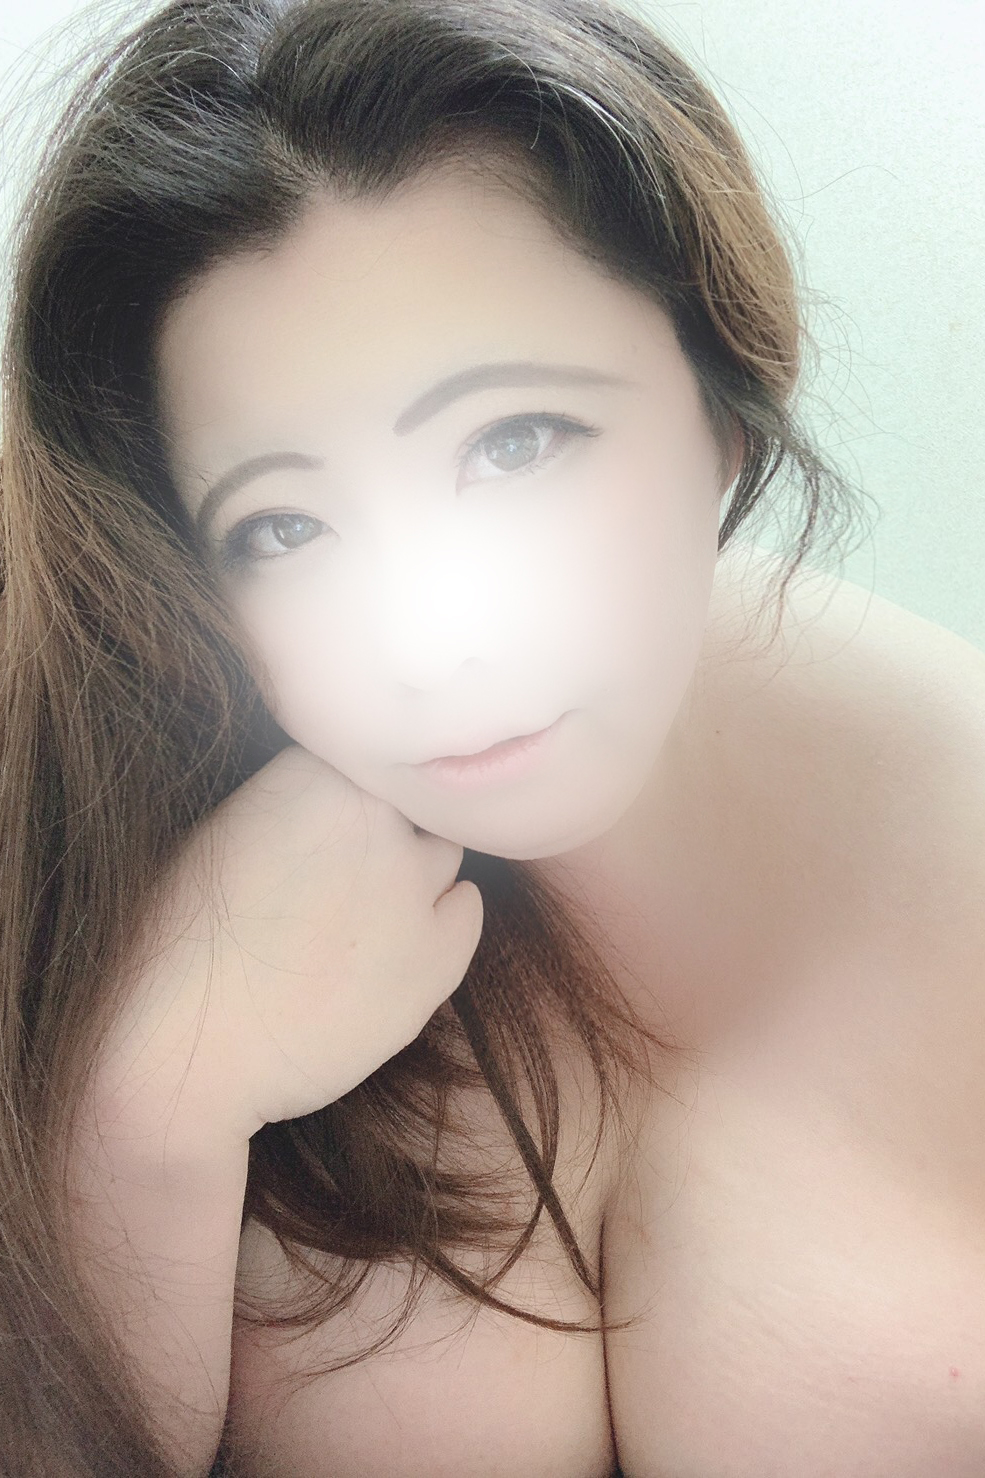 アイサの容姿や雰囲気を確認できる画像